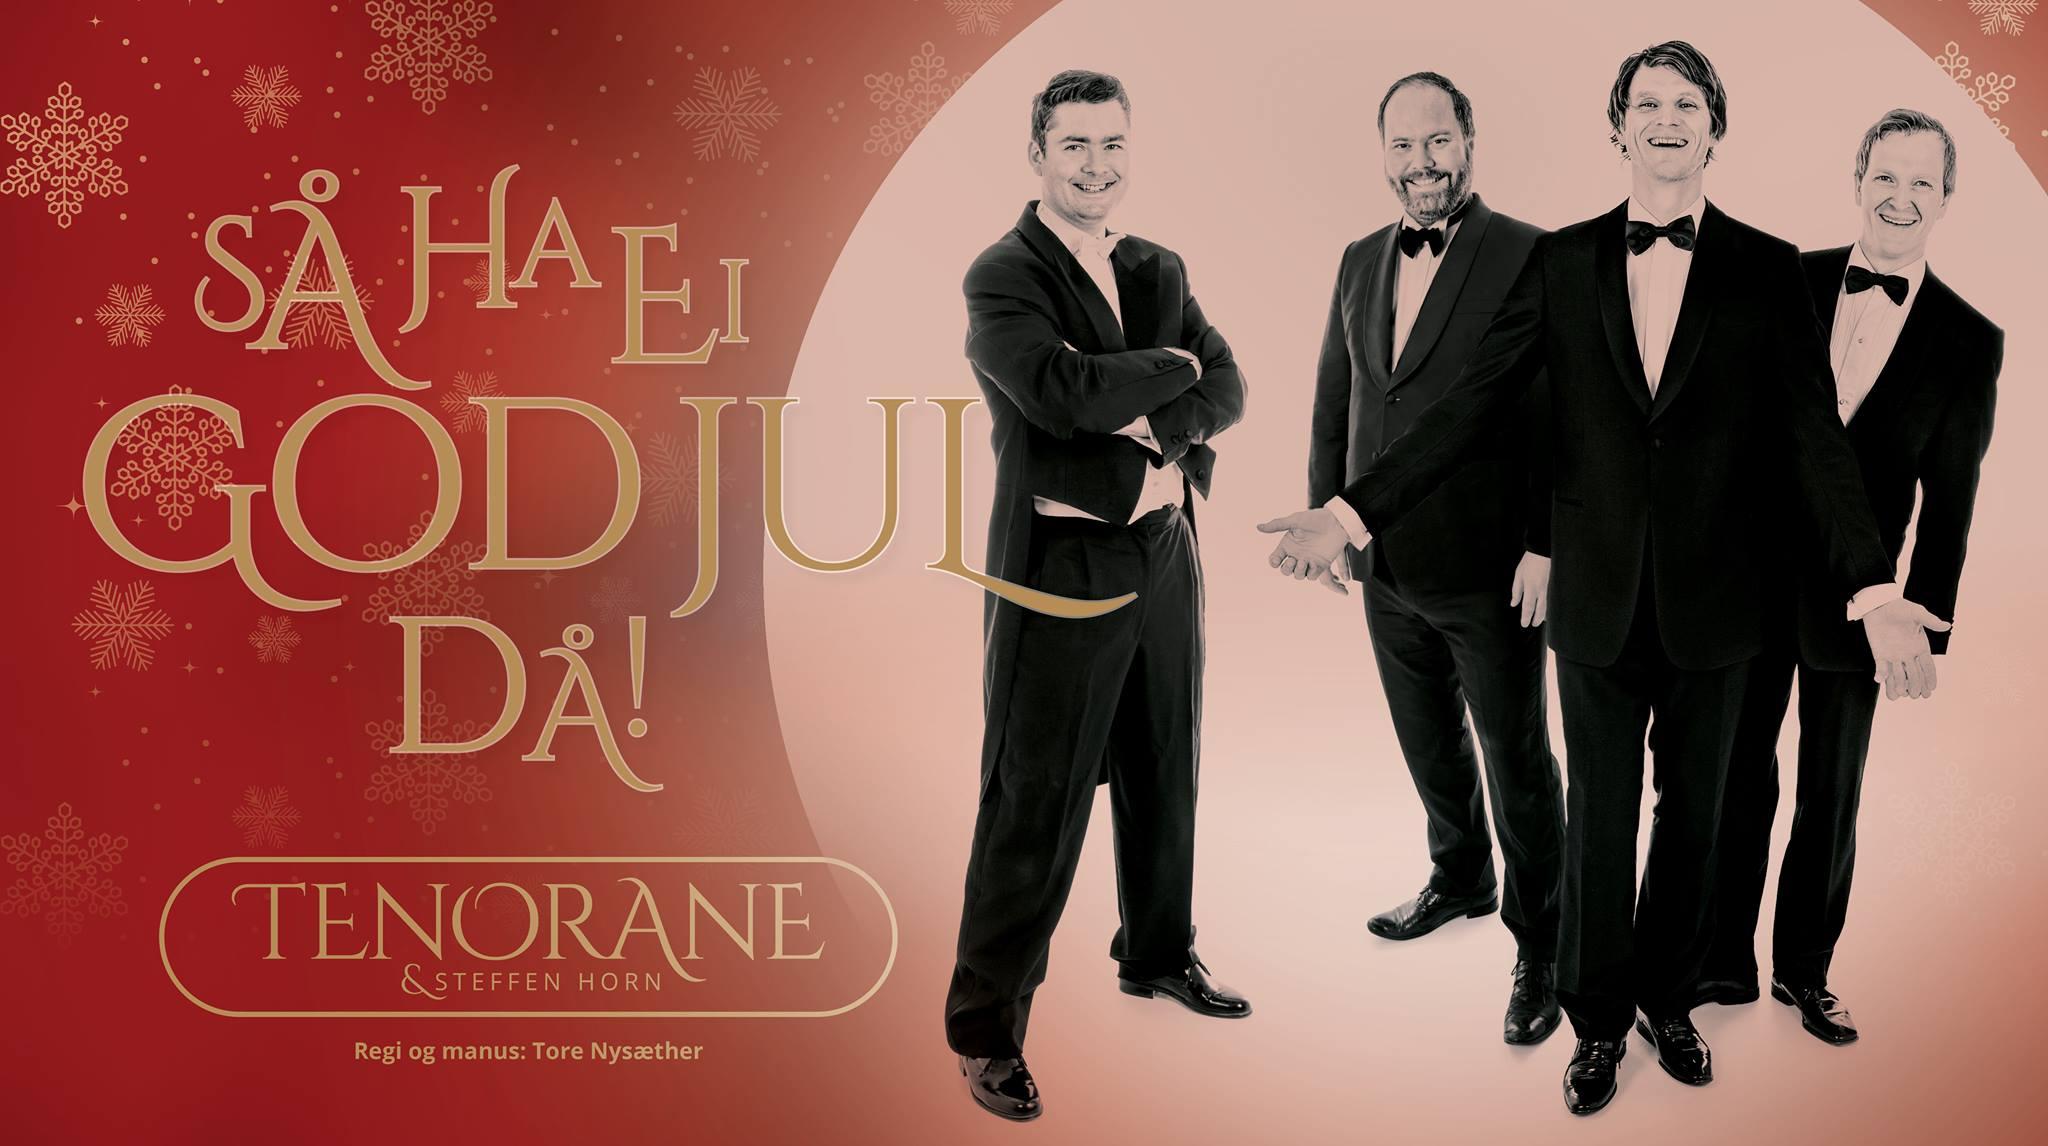 Tenorane og Steffen Horn: Så ha ei god jul då